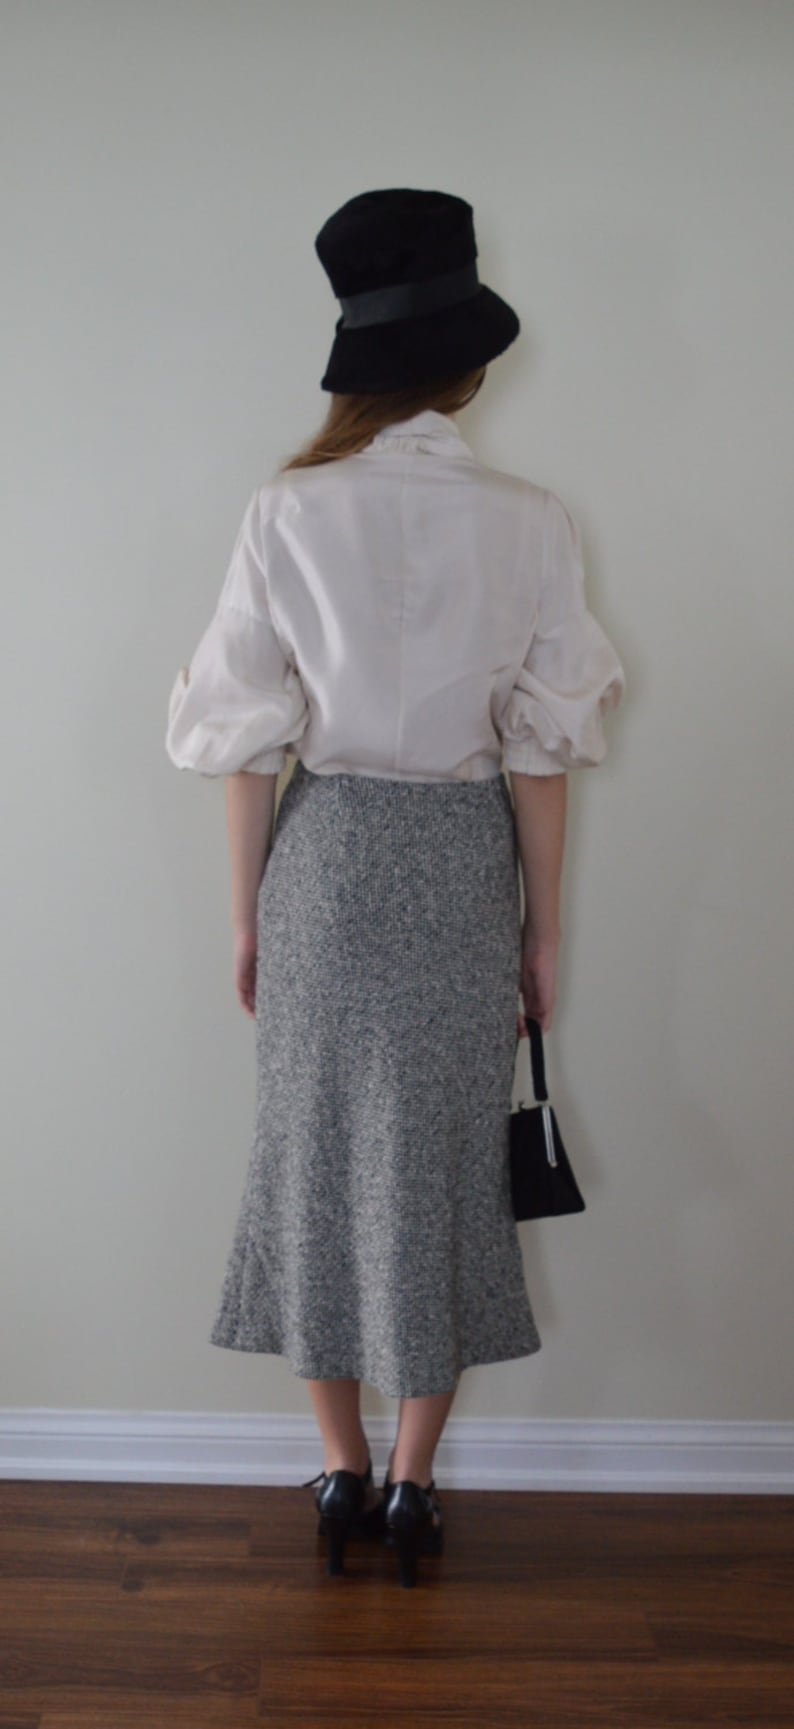 Emanuel Ungaro Vintage Emanuel Ungaro Paris Wool and Cashmere Flared Skirt Vintage Skirt Houndstooth Skirt 1980s Skirt